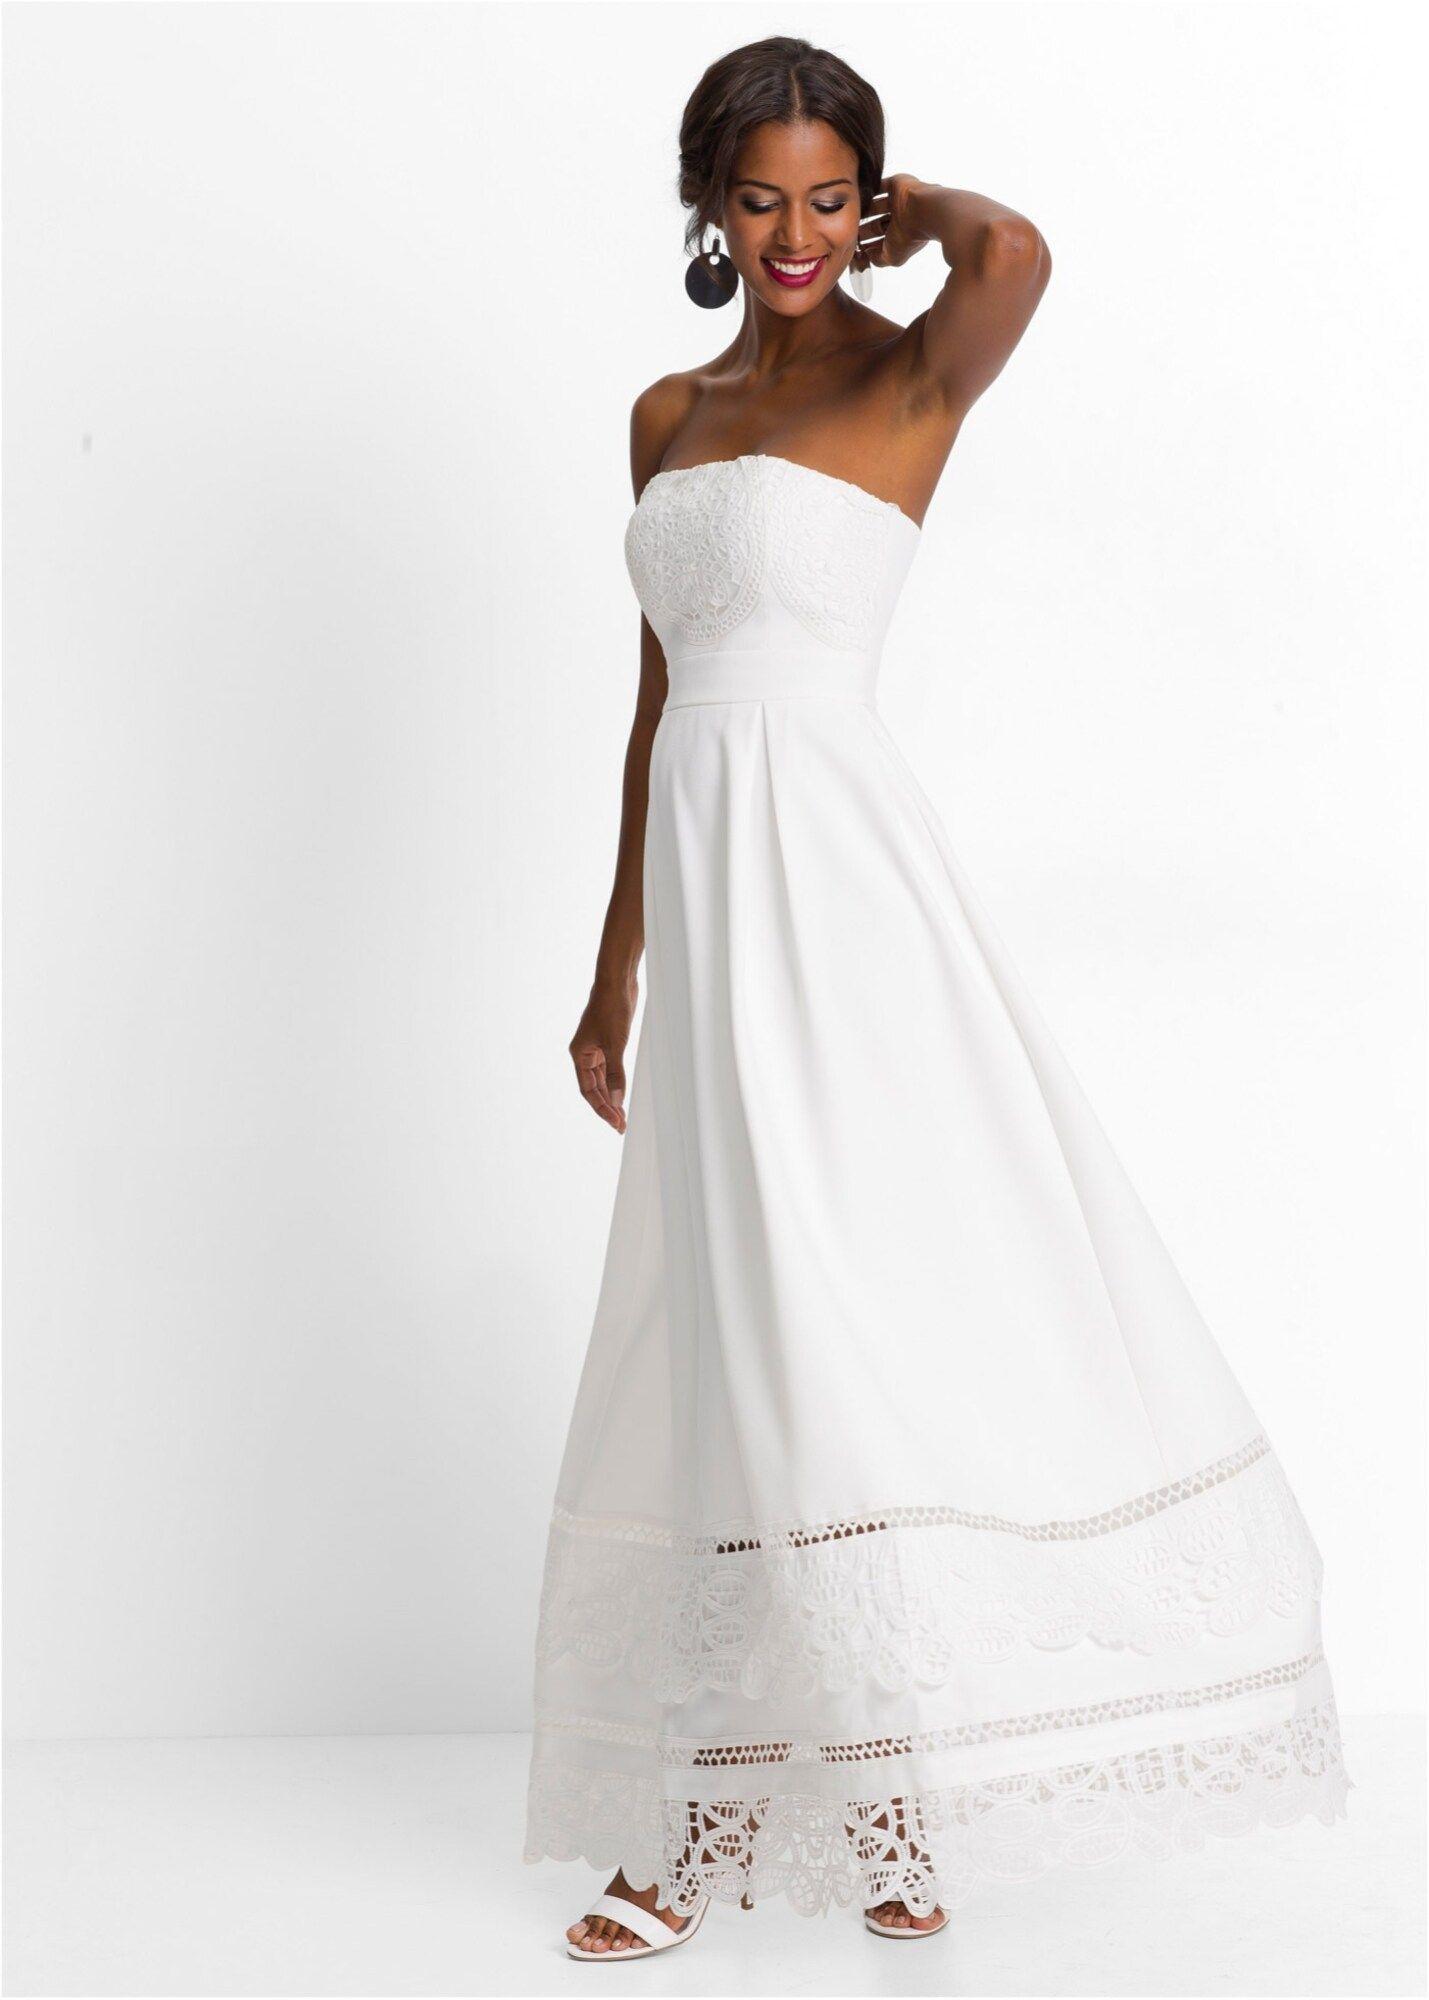 Bonprix Hochzeitskleid Damen, Weiß, Größe 20 in 20